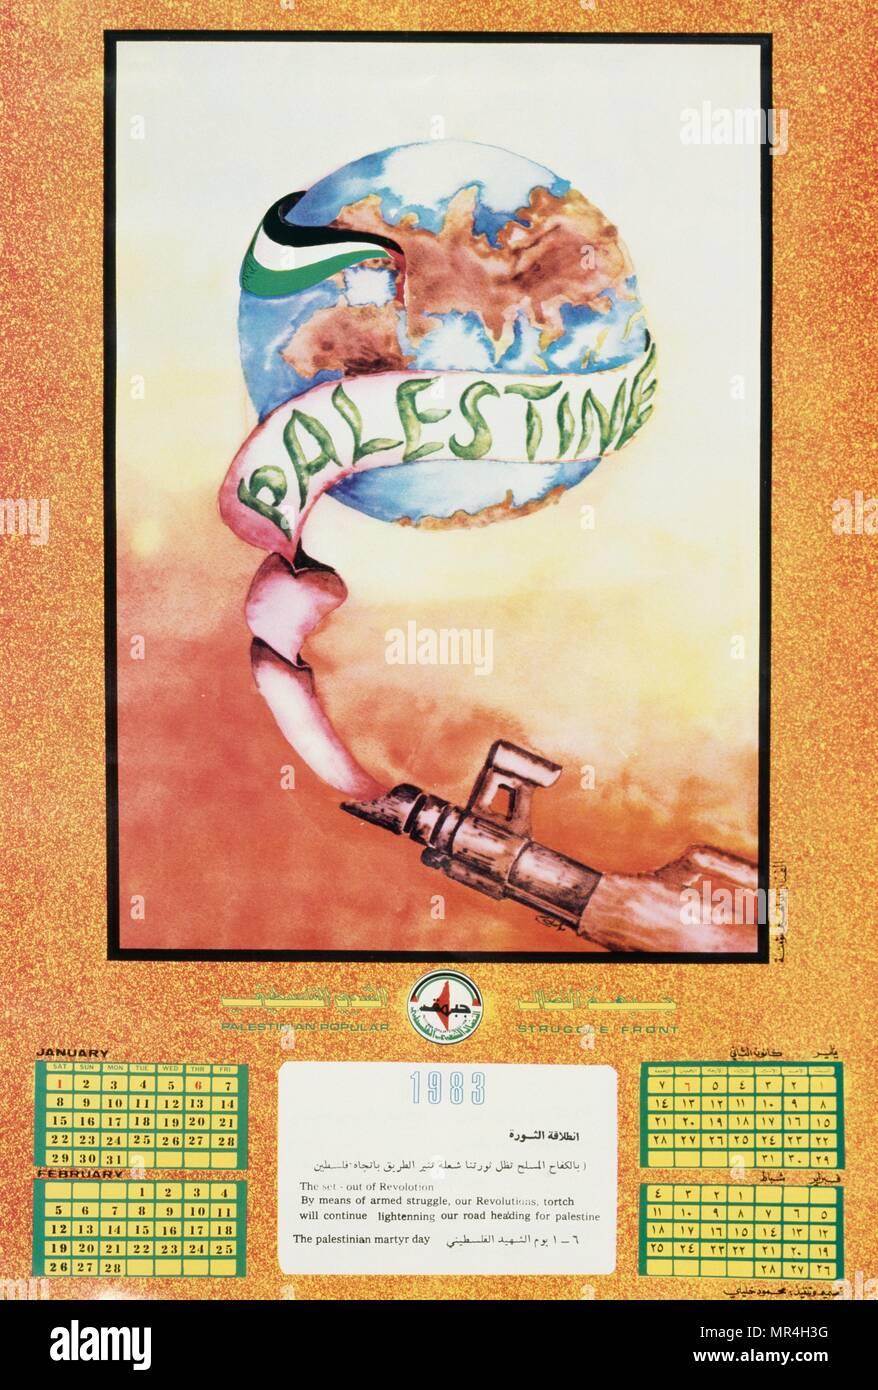 Organización de Liberación de Palestina (OLP) Calendario de propaganda contra el proceso de paz con Israel de 1983 Imagen De Stock